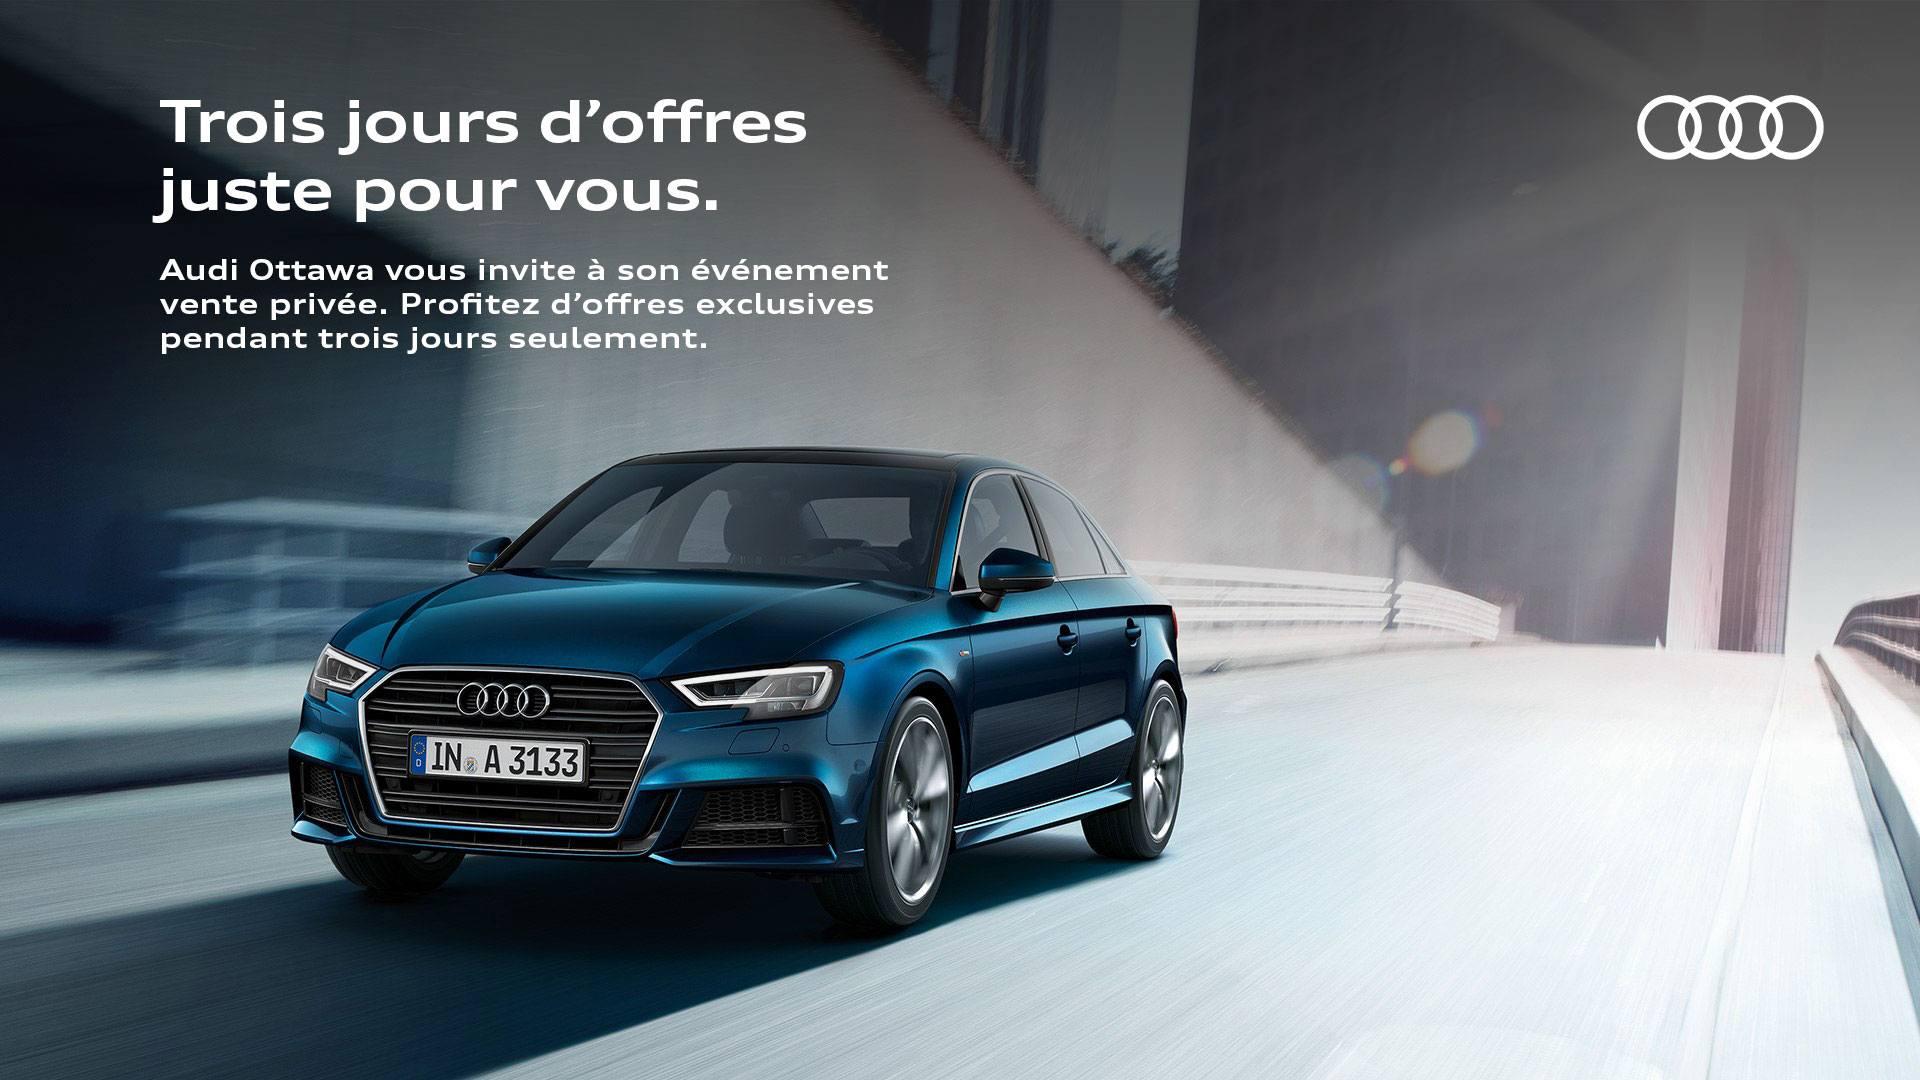 Audi_Ottawa_1920x1080_FR001